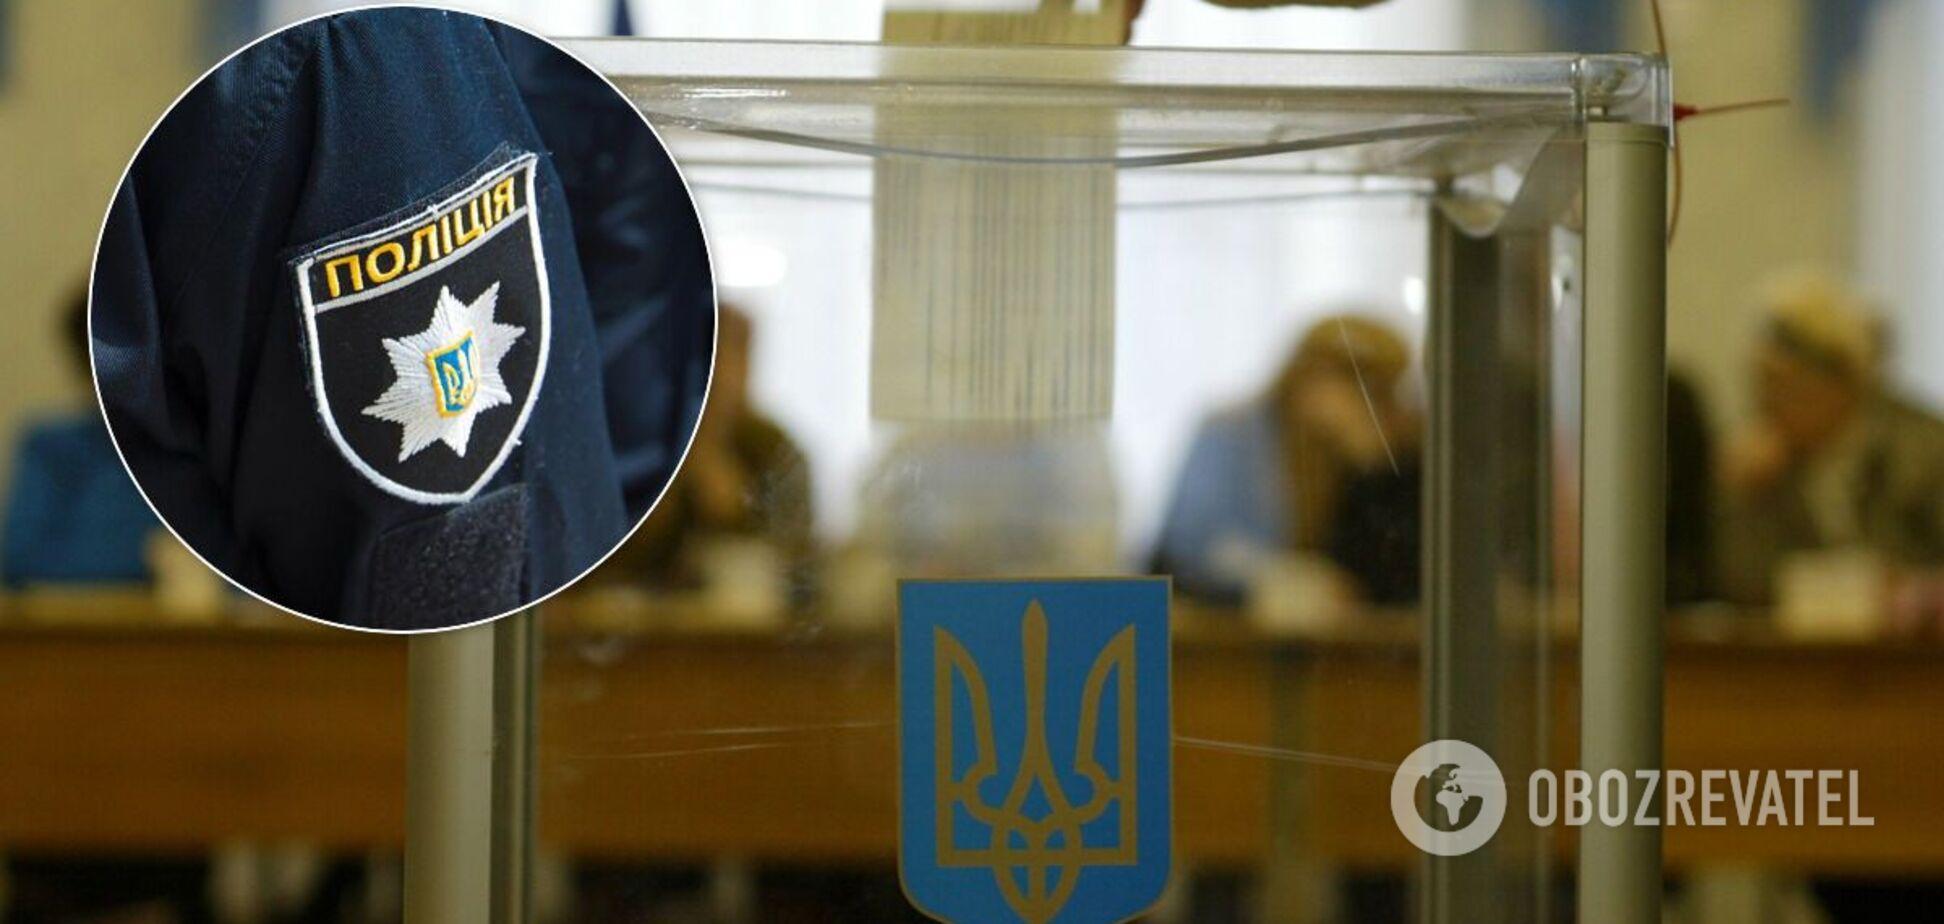 В Українці чоловік влаштував 'каруселі' на виборах: давав по 100 грн за голос